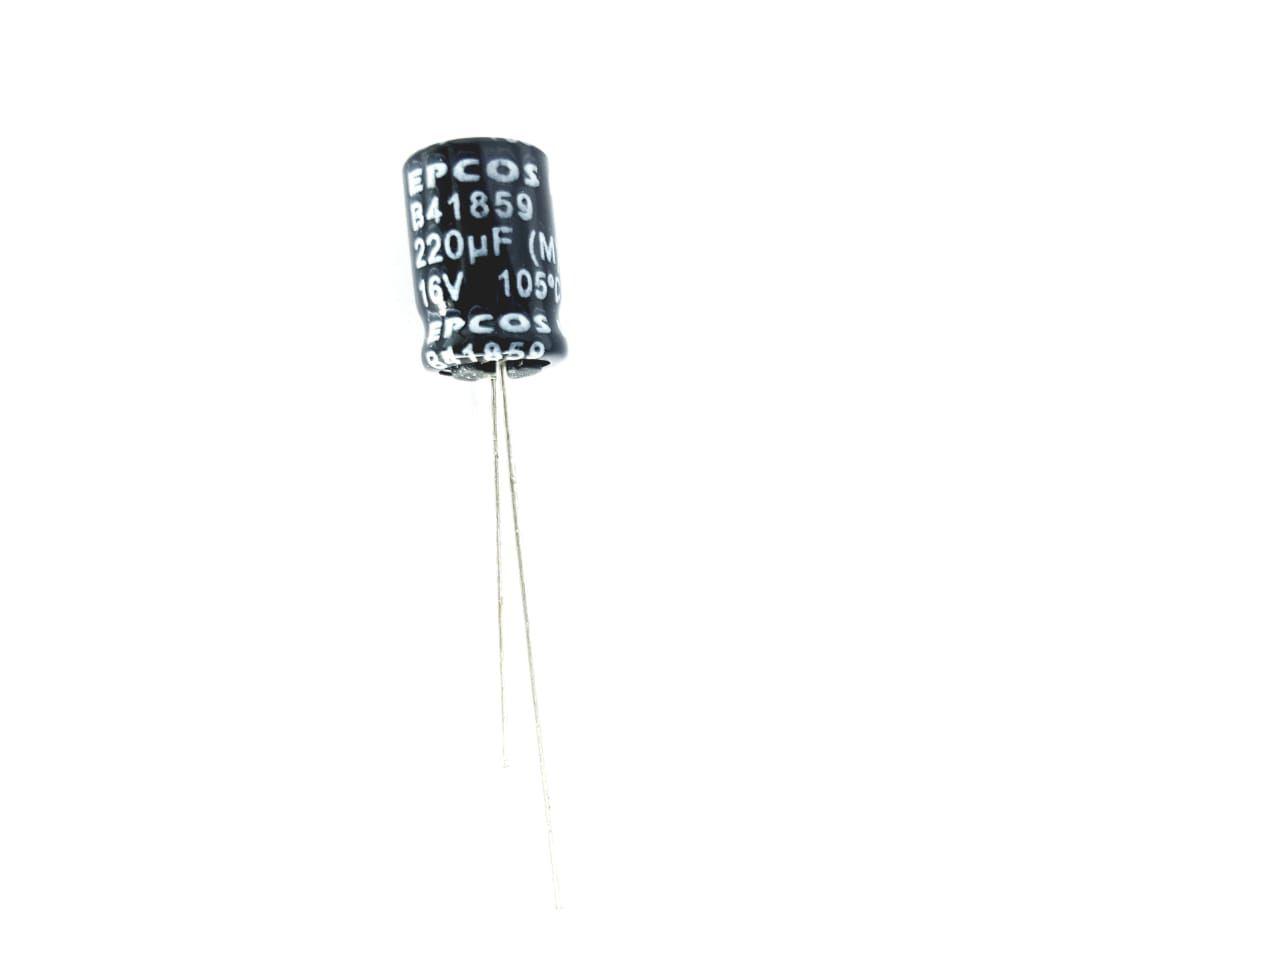 100 peças Capacitor eletrolítico radial  220 Uf x 16 V 105 ° graus Epcos